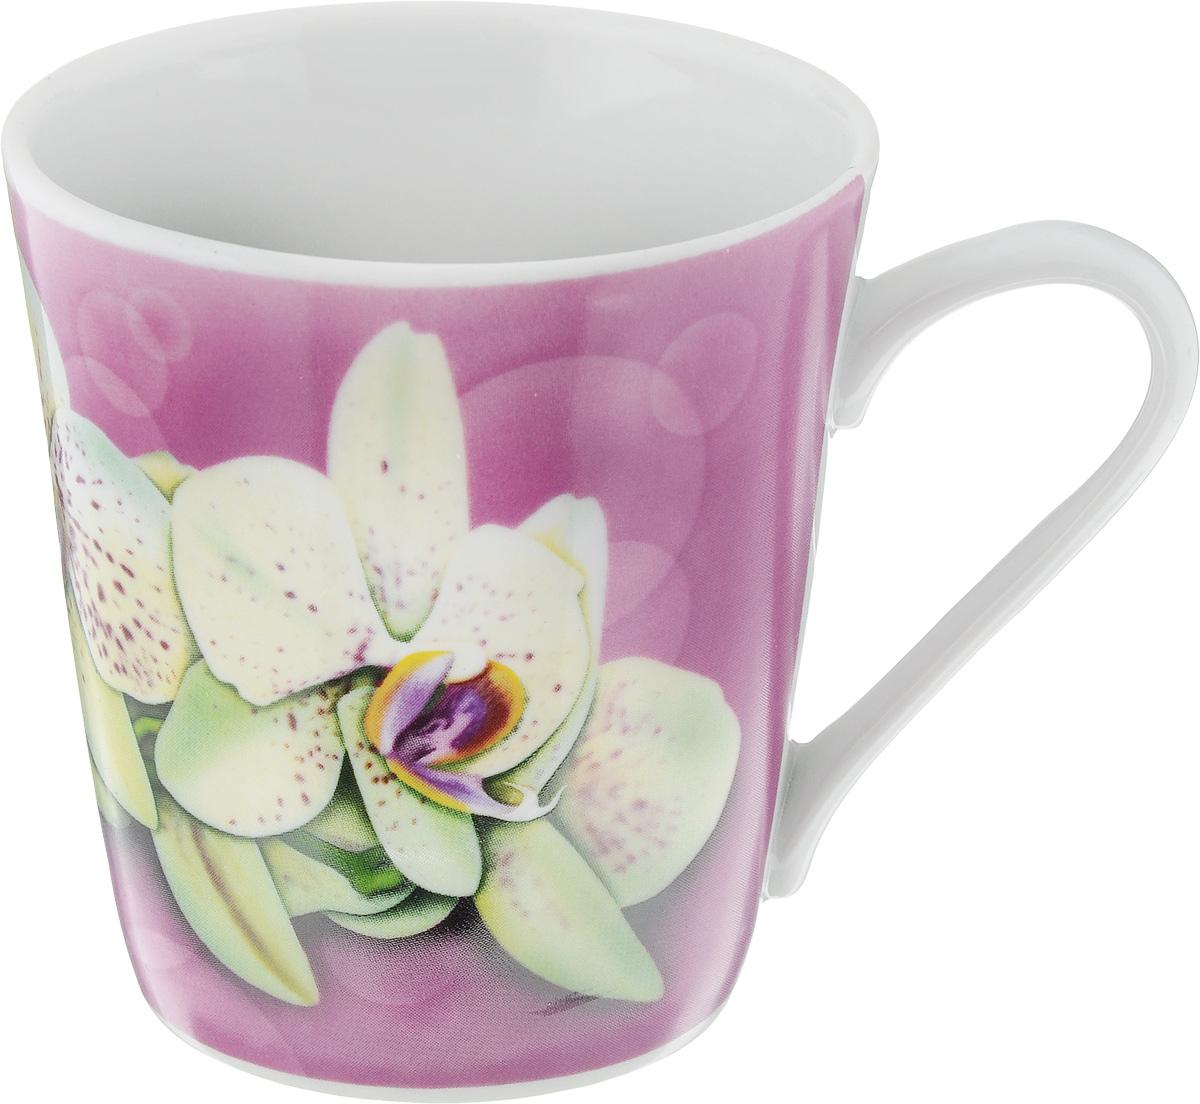 Кружка Классик. Орхидея, цвет: розовый, белый, 300 мл1333019_розовыйКружка Классик. Орхидея изготовлена из высококачественного фарфора. Изделие оформлено красочным рисунком и покрыто превосходной сверкающей глазурью. Изысканная кружка прекрасно оформит стол к чаепитию и станет его неизменным атрибутом.Диаметр кружки (по верхнему краю): 9 см.Высота кружки: 9,5 см.